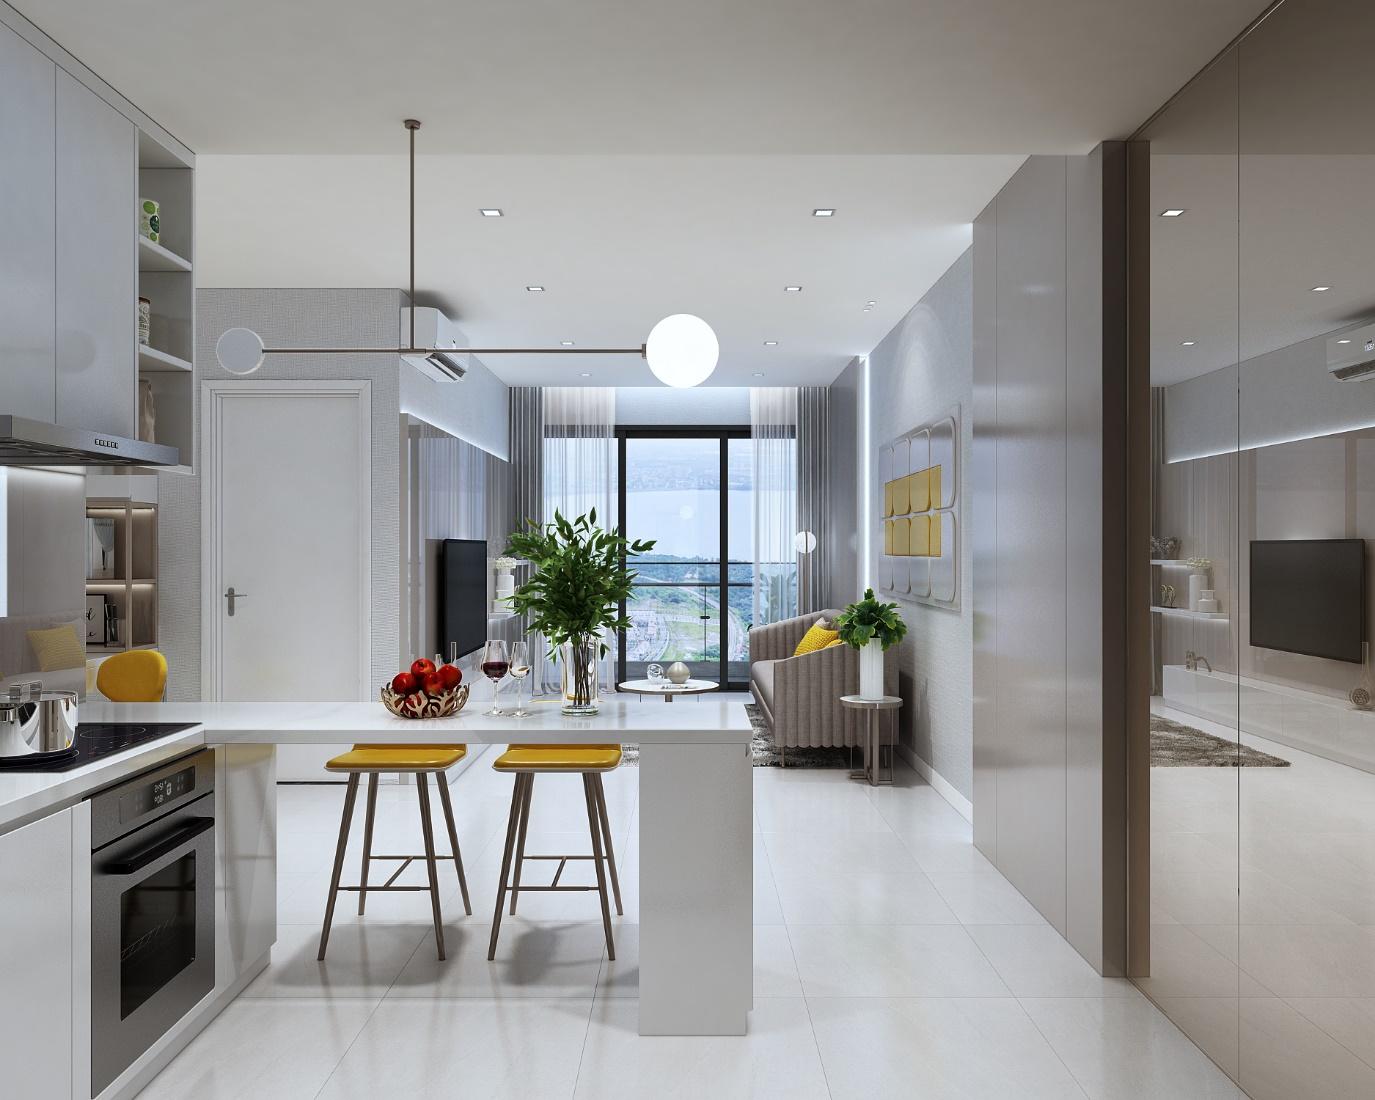 Căn hộ ricca màu trắng rộng rãi có phòng bếp với bộ bàn ghế, giỏ hoa quả nằm bên cạnh phòng khách có sofa và tivi